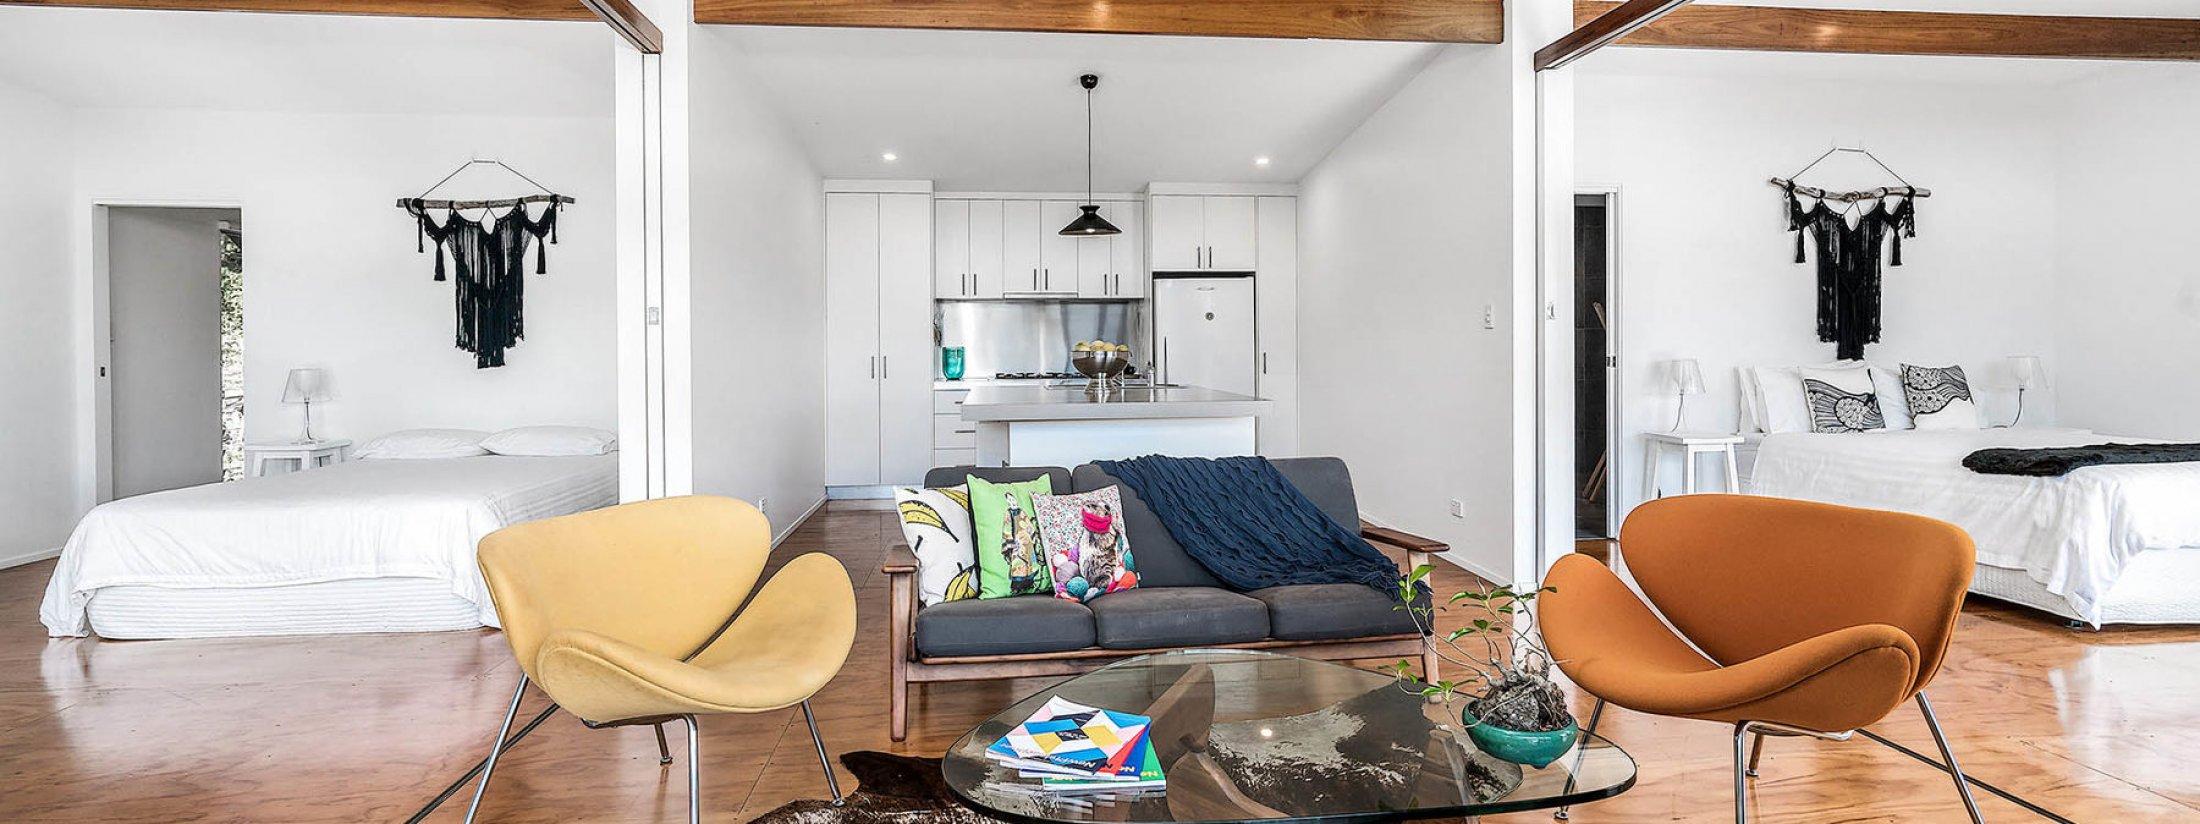 Ourmuli Cabin - Byron Bay - Lounge and kitchen